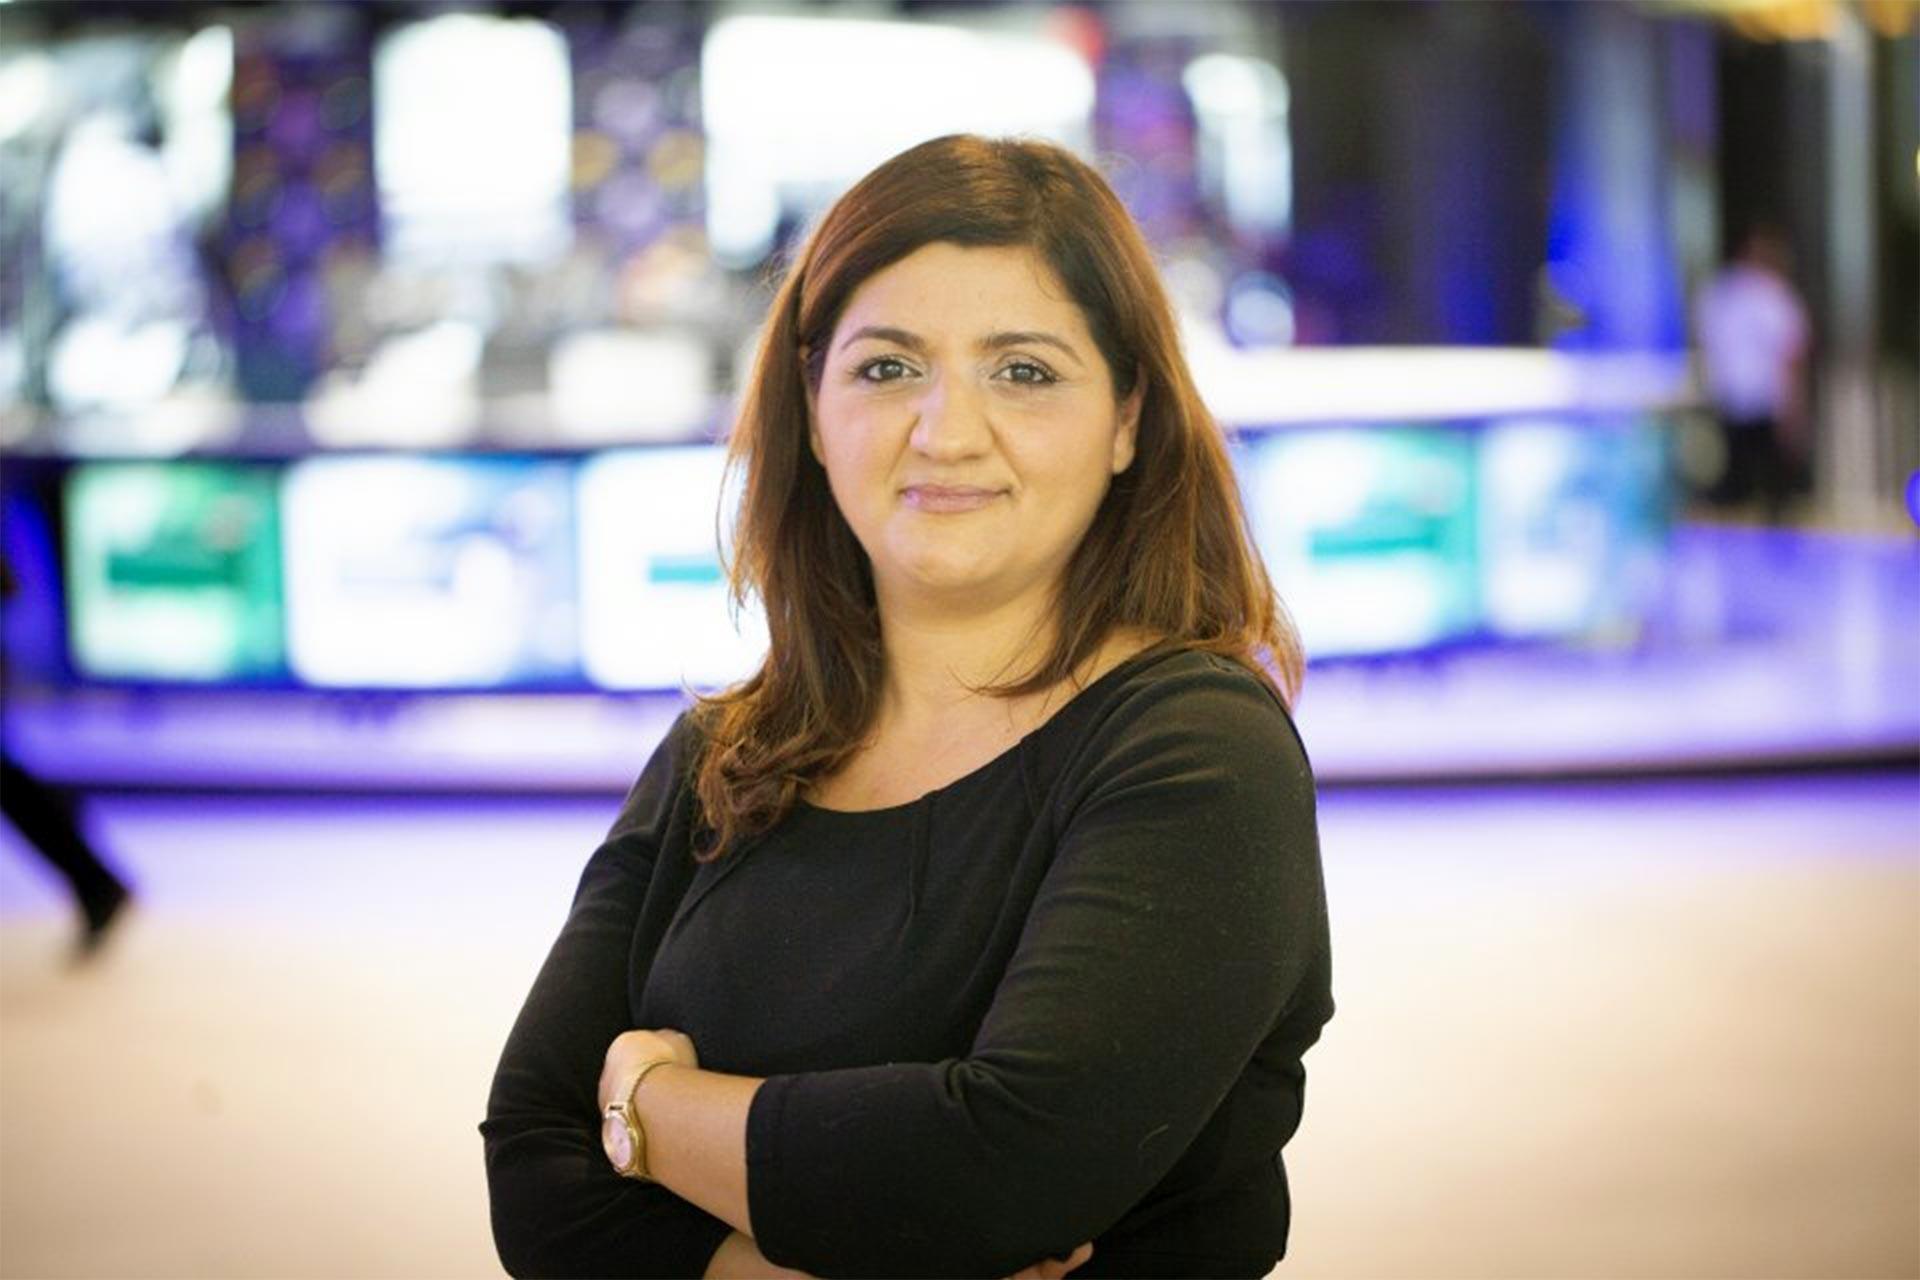 Avrupa Parlamentosu Güvenlik ve Savunma Komisyonu Başkan Yardımcısı Özlem Alev Demirel